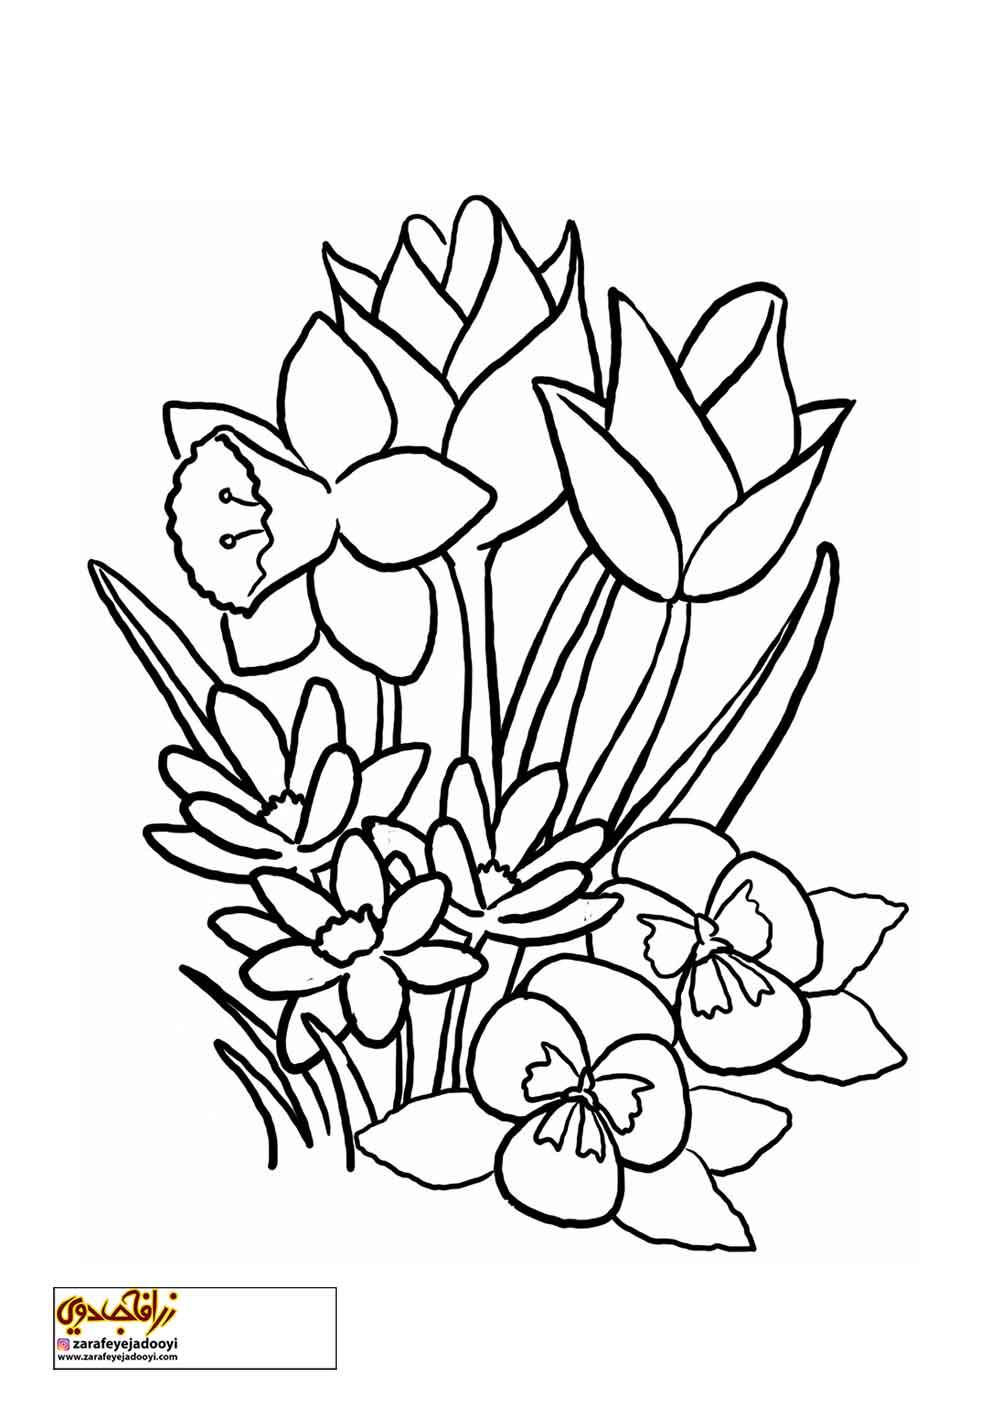 زرافه-جادویی-رنگ-آمیزی-کودکان-نقاشی-گل-05